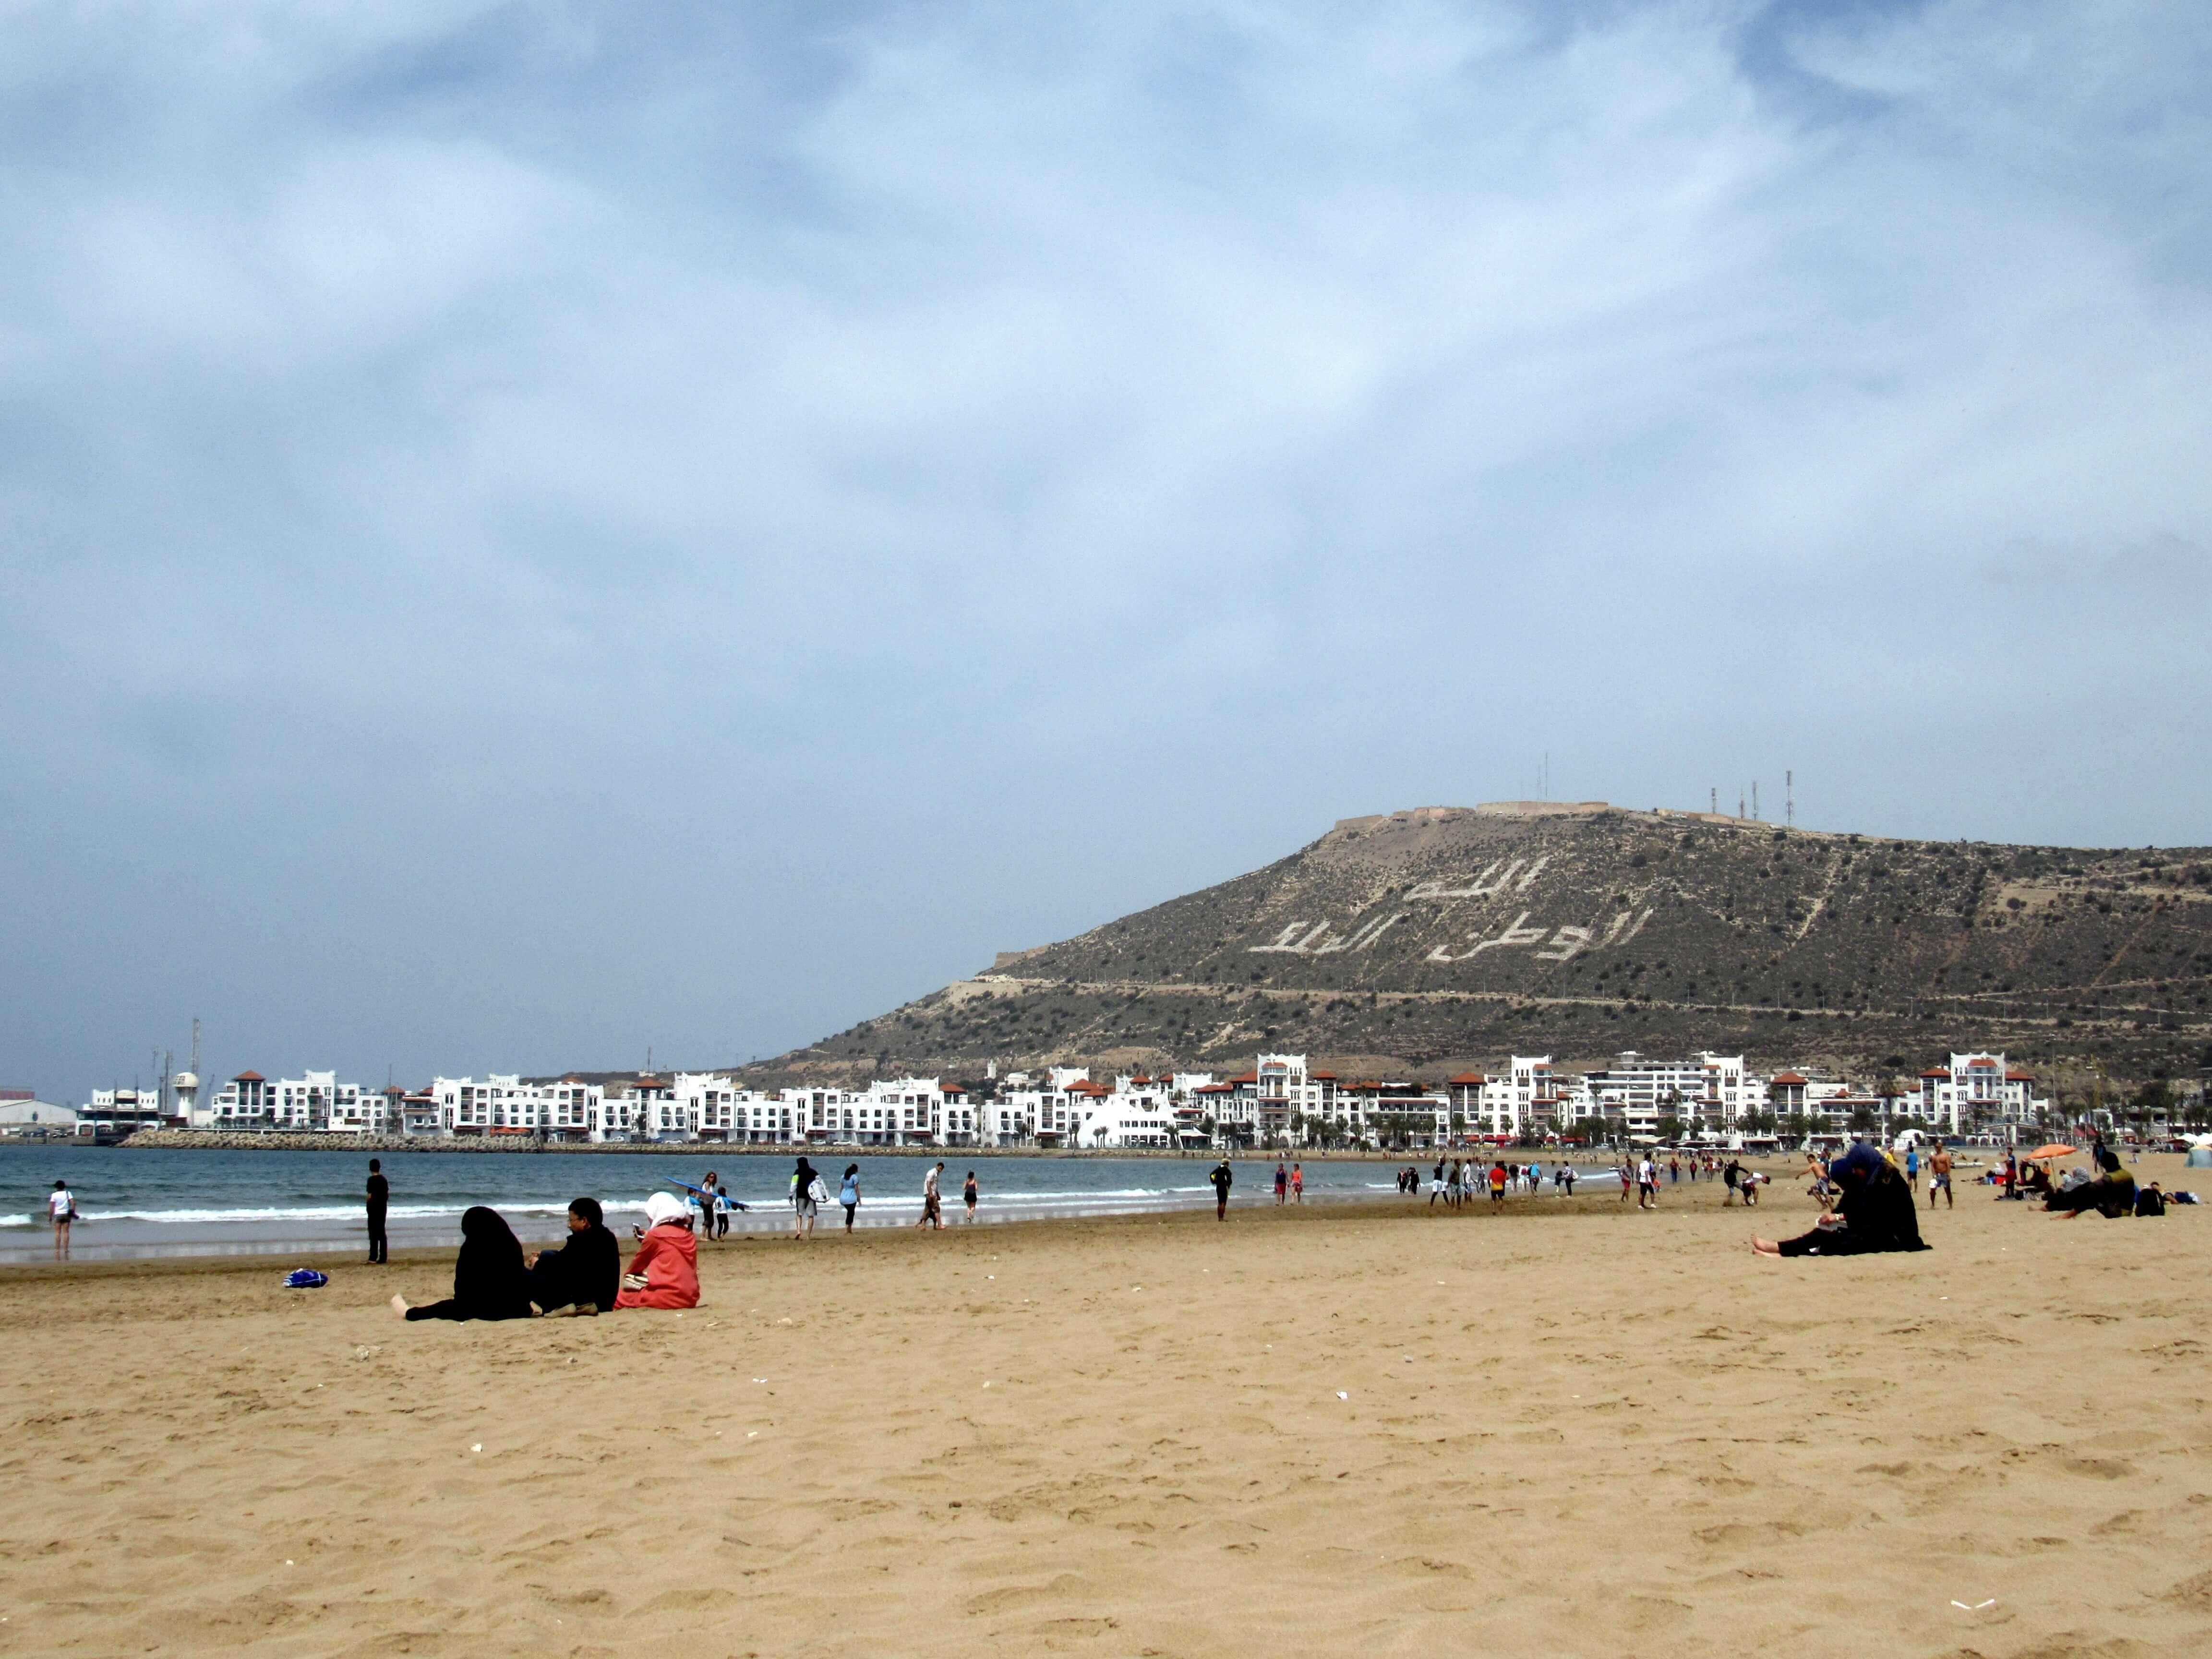 La plage et le soleil d'Agadir séduisent les passionnés de vacances au soleil en bord de mer.